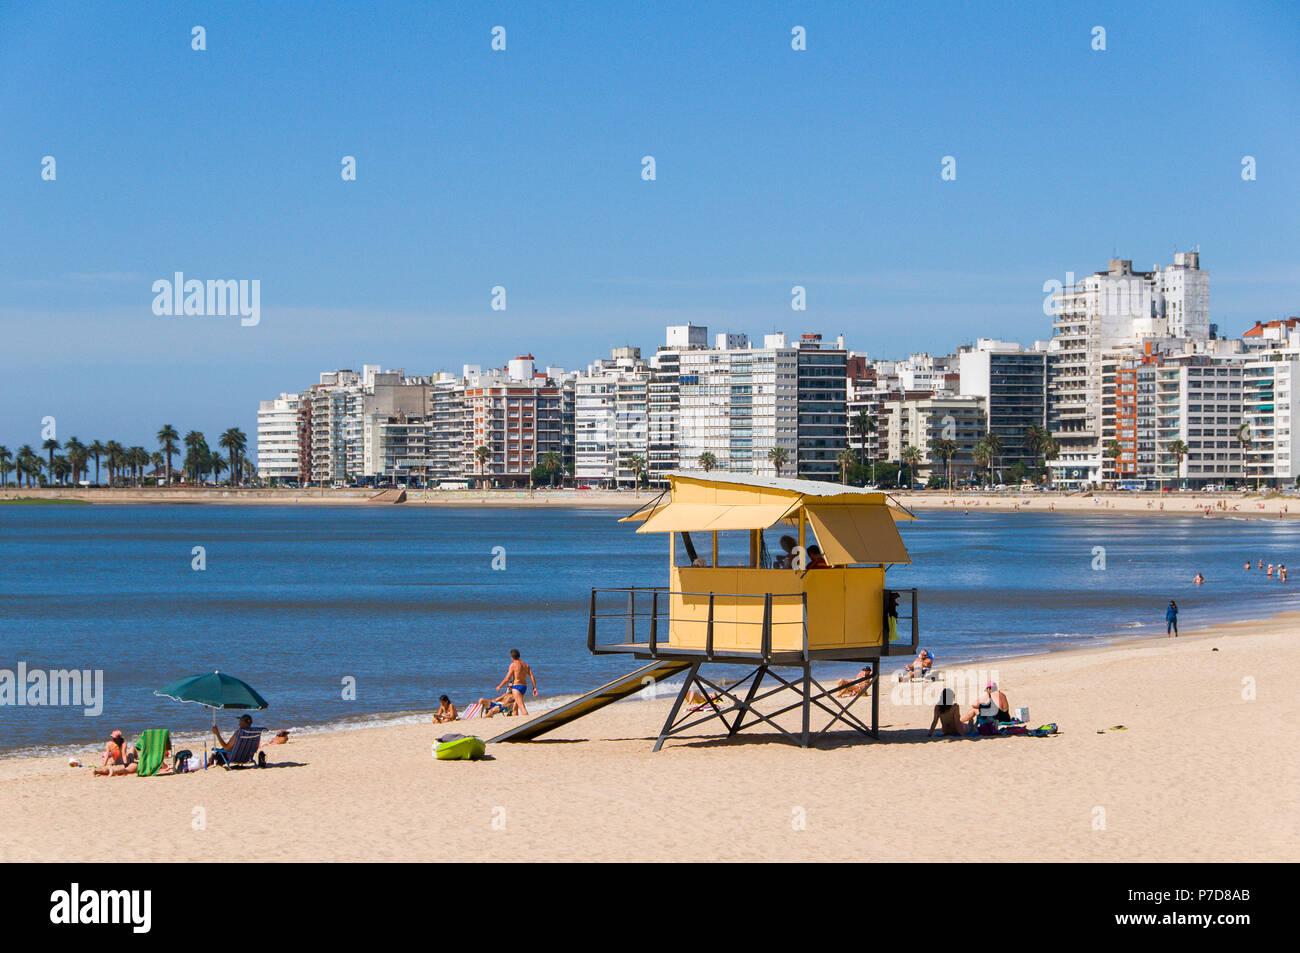 Les nageurs à la plage de la ville, lifeguard tower et gratte-ciel à Montevideo, Uruguay Photo Stock